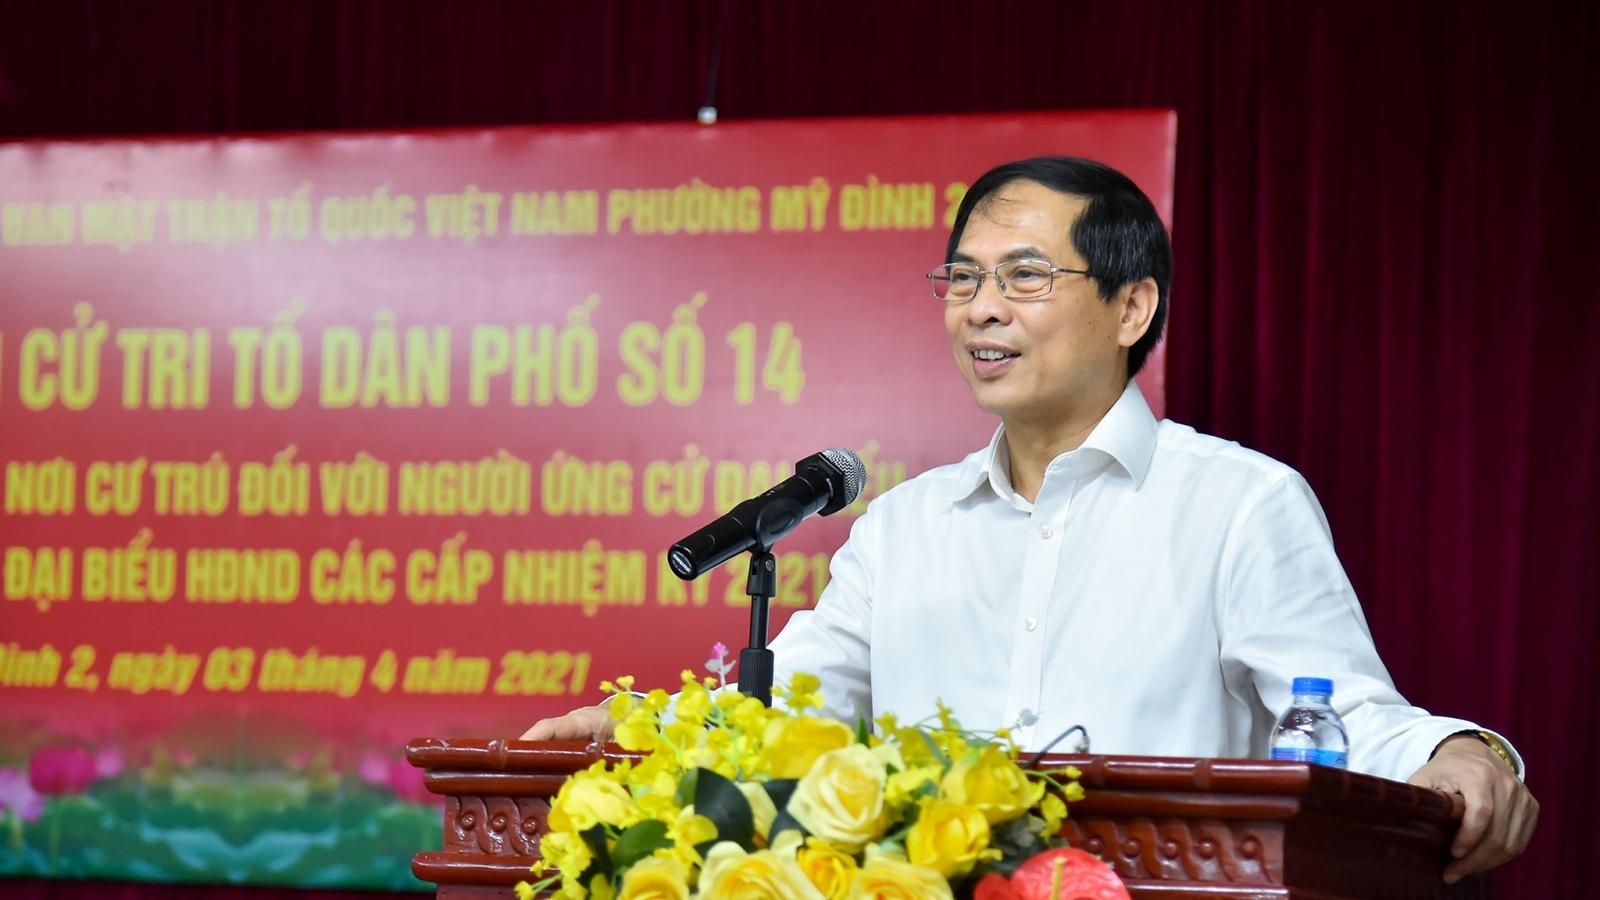 Cử tri nơi cư trú tín nhiệm giới thiệu ông Bùi Thanh Sơn ứng cử đại biểu Quốc hội khóa XV